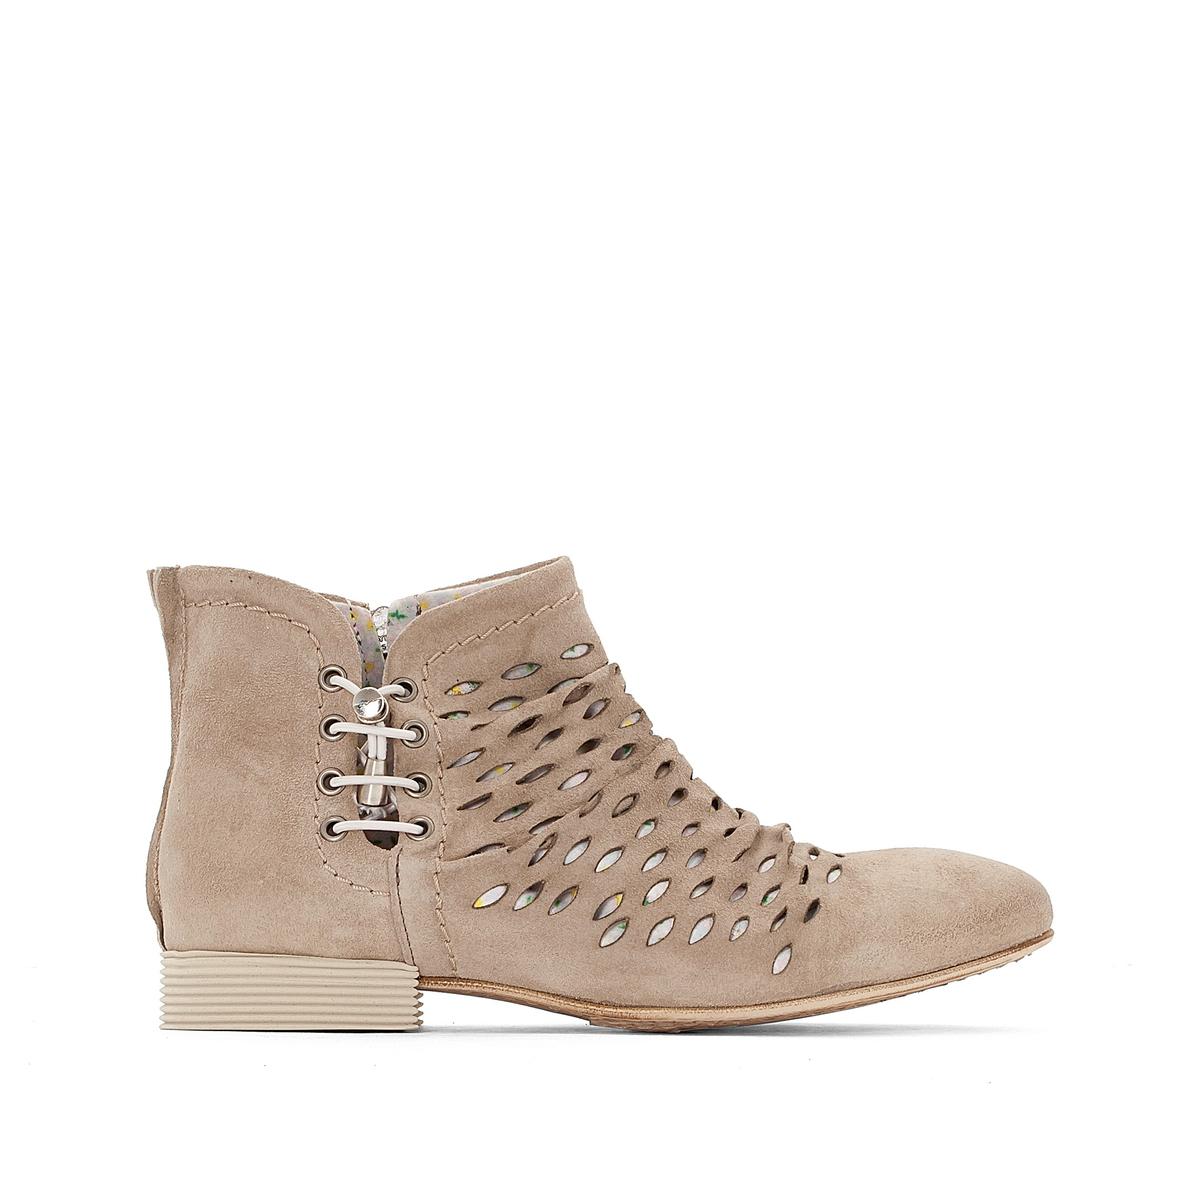 Кожаные ботинки  SachiВерх/Голенище : Кожа.  Подкладка : Кожа.  Стелька : Кожа.  Подошва : каучук  Высота каблука : 1 см  Форма каблука : плоский каблук  Мысок : закругленный.  Застежка : на молнию.<br><br>Цвет: серо-коричневый<br>Размер: 38